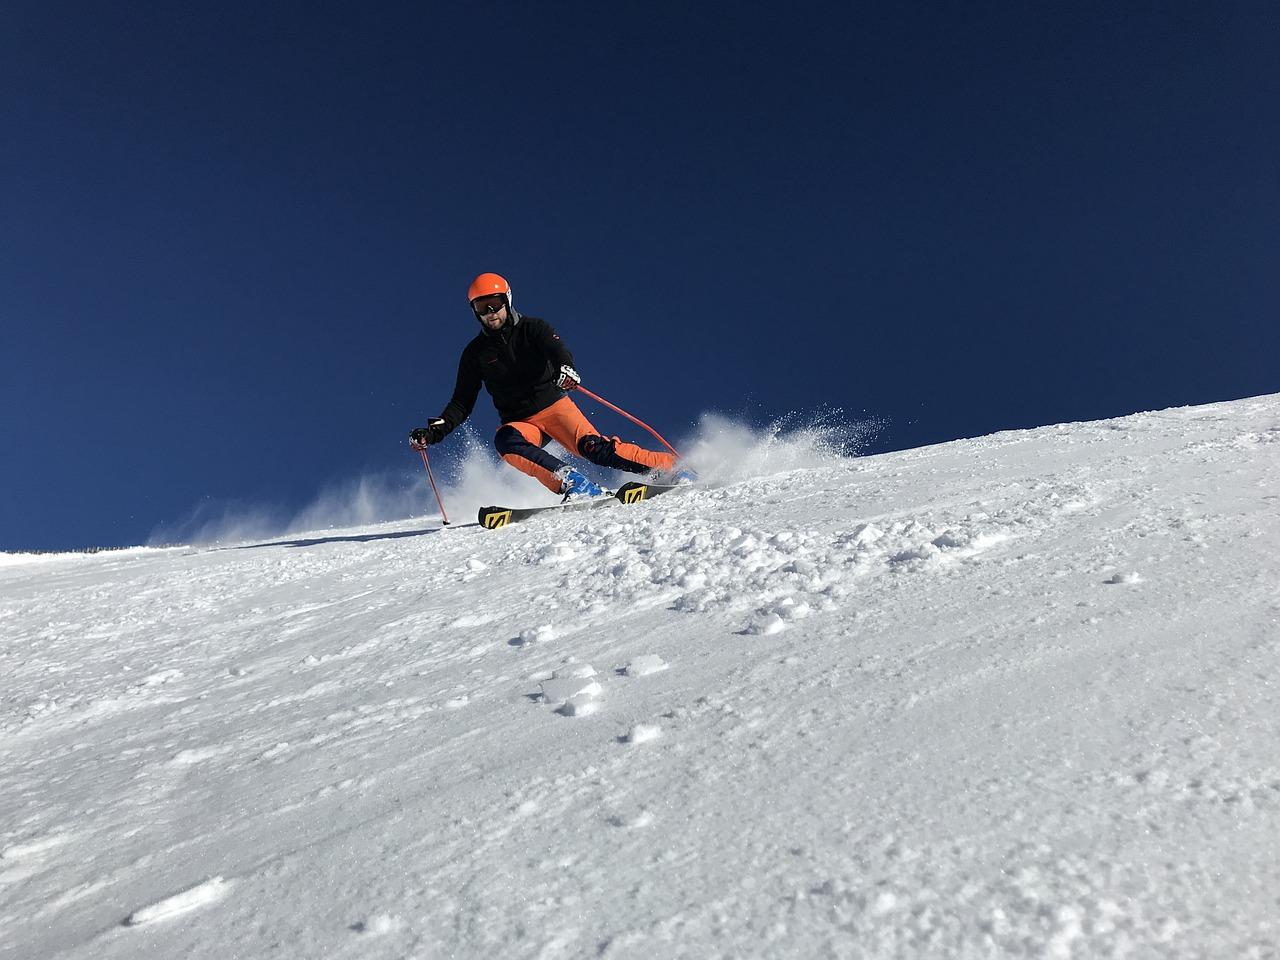 Wraca sprawa narciarskiej afery. Wicepremier Jadwiga Emilewicz w końcu przerwała milczenie